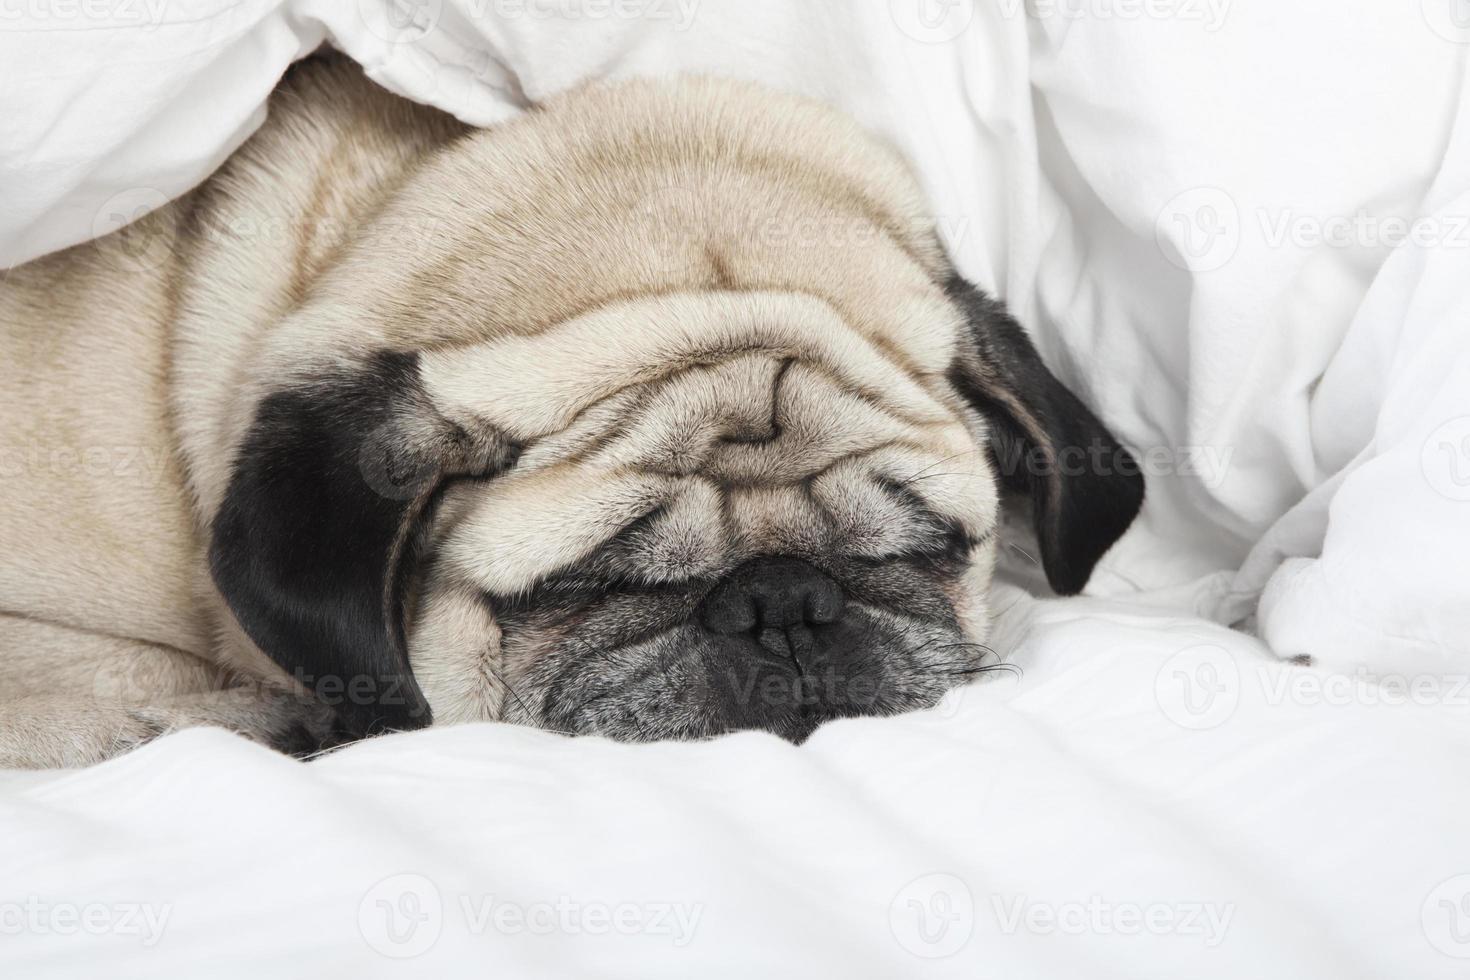 cara de pug durmiente foto